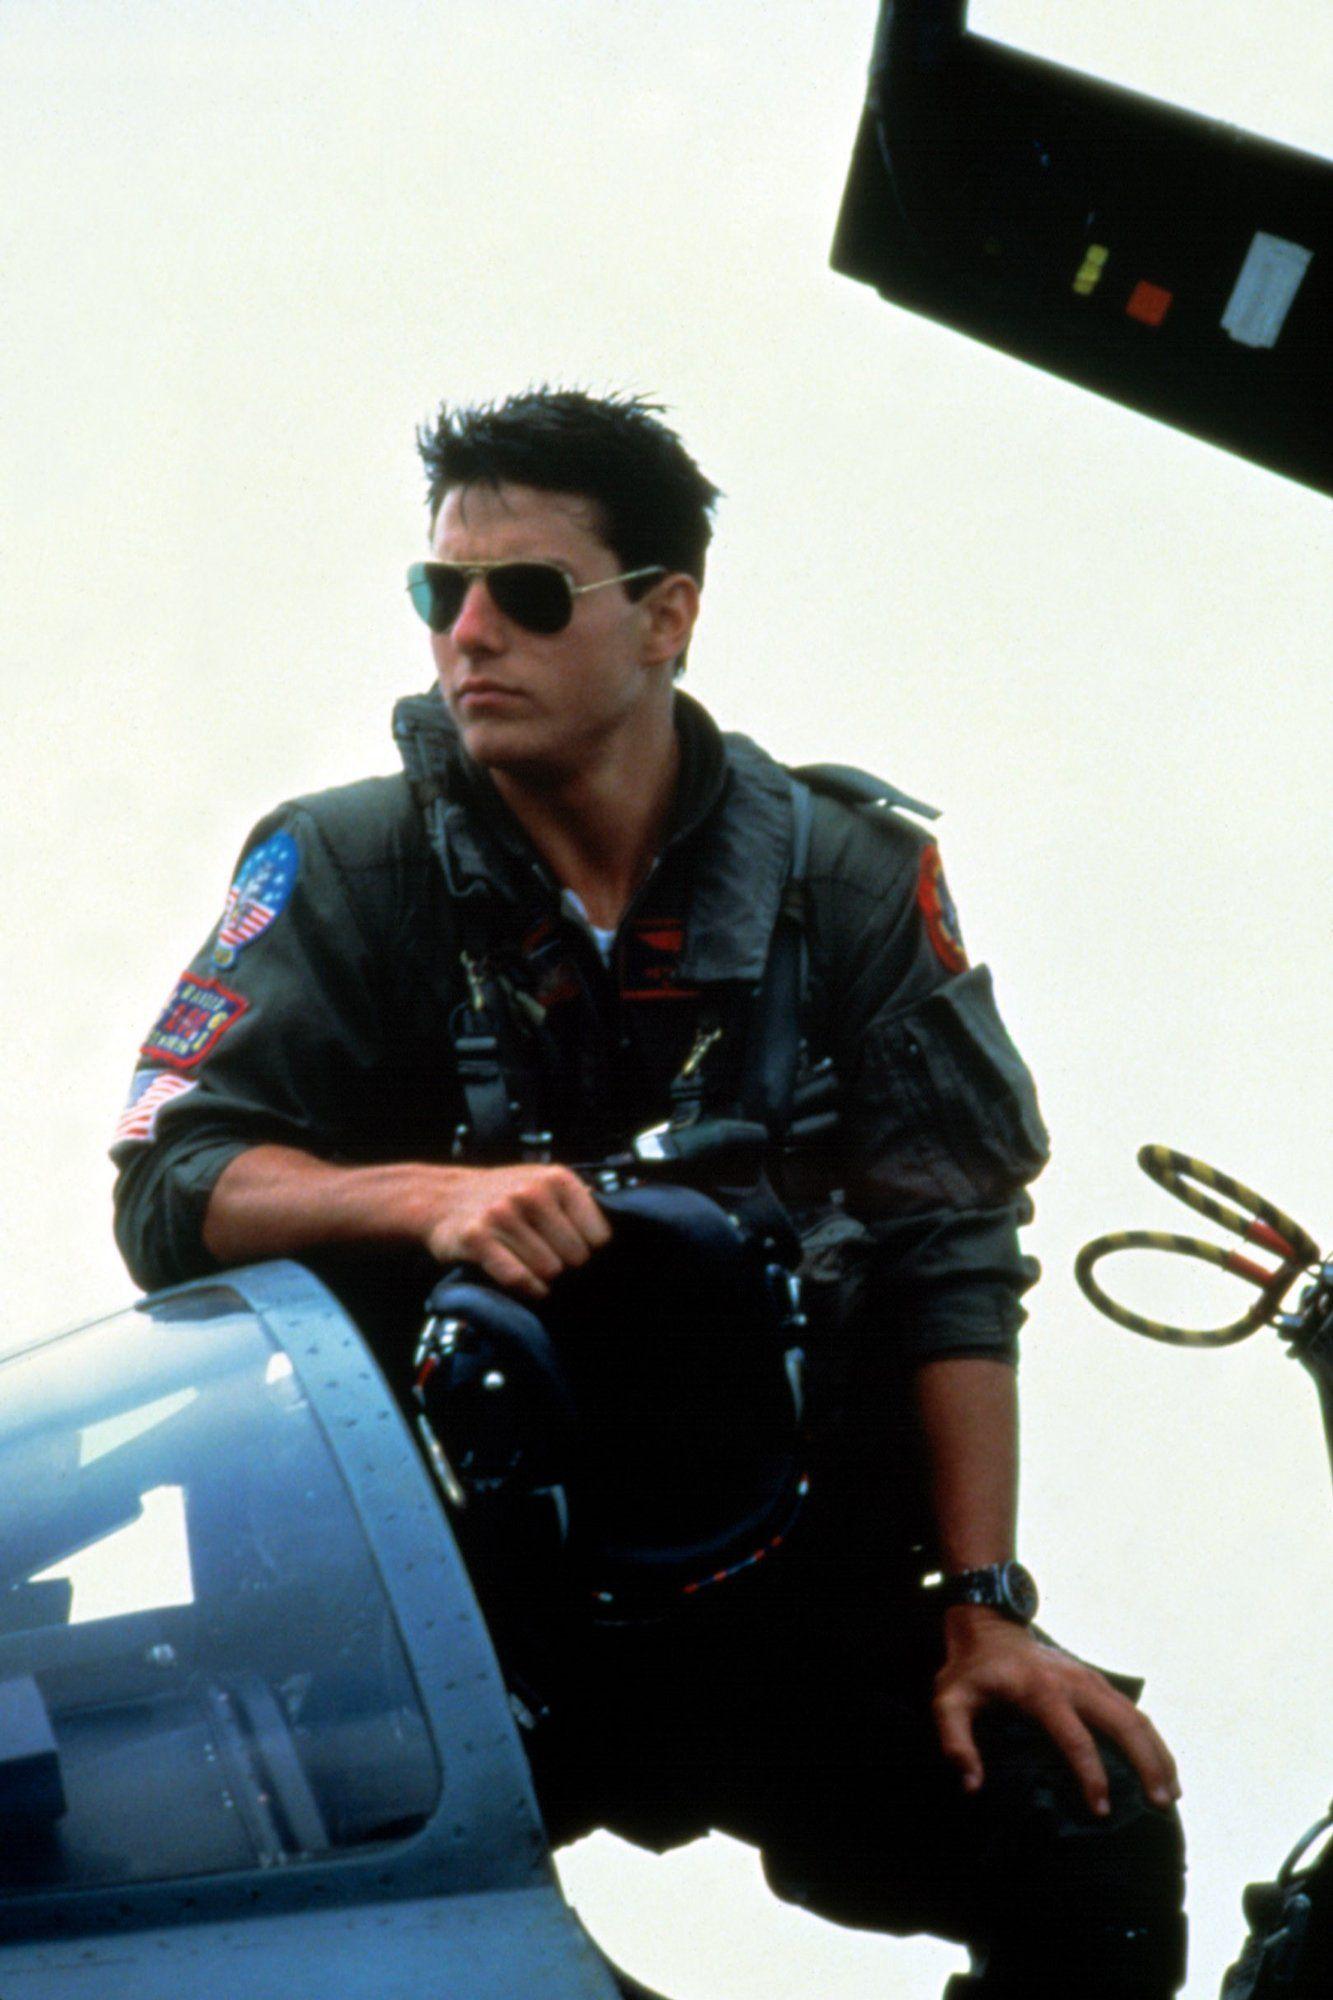 Tom Cruise's Best On-Screen Looks | GQ